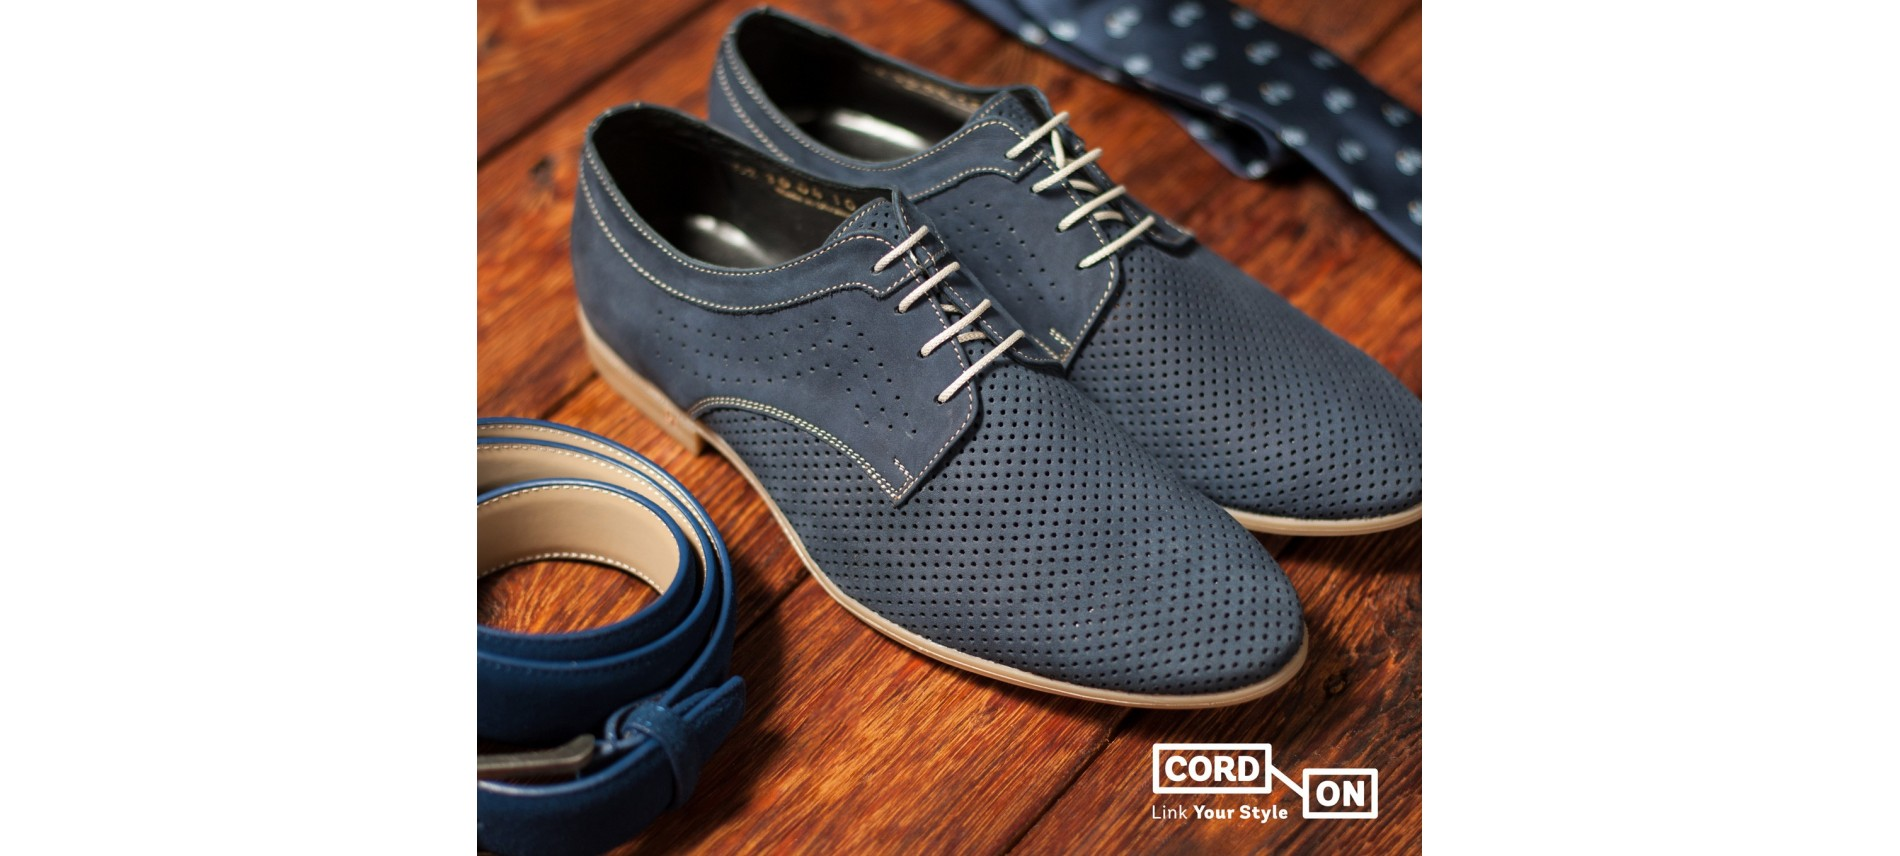 Comprar Cordones zapato de vestir   Cord-On Shop